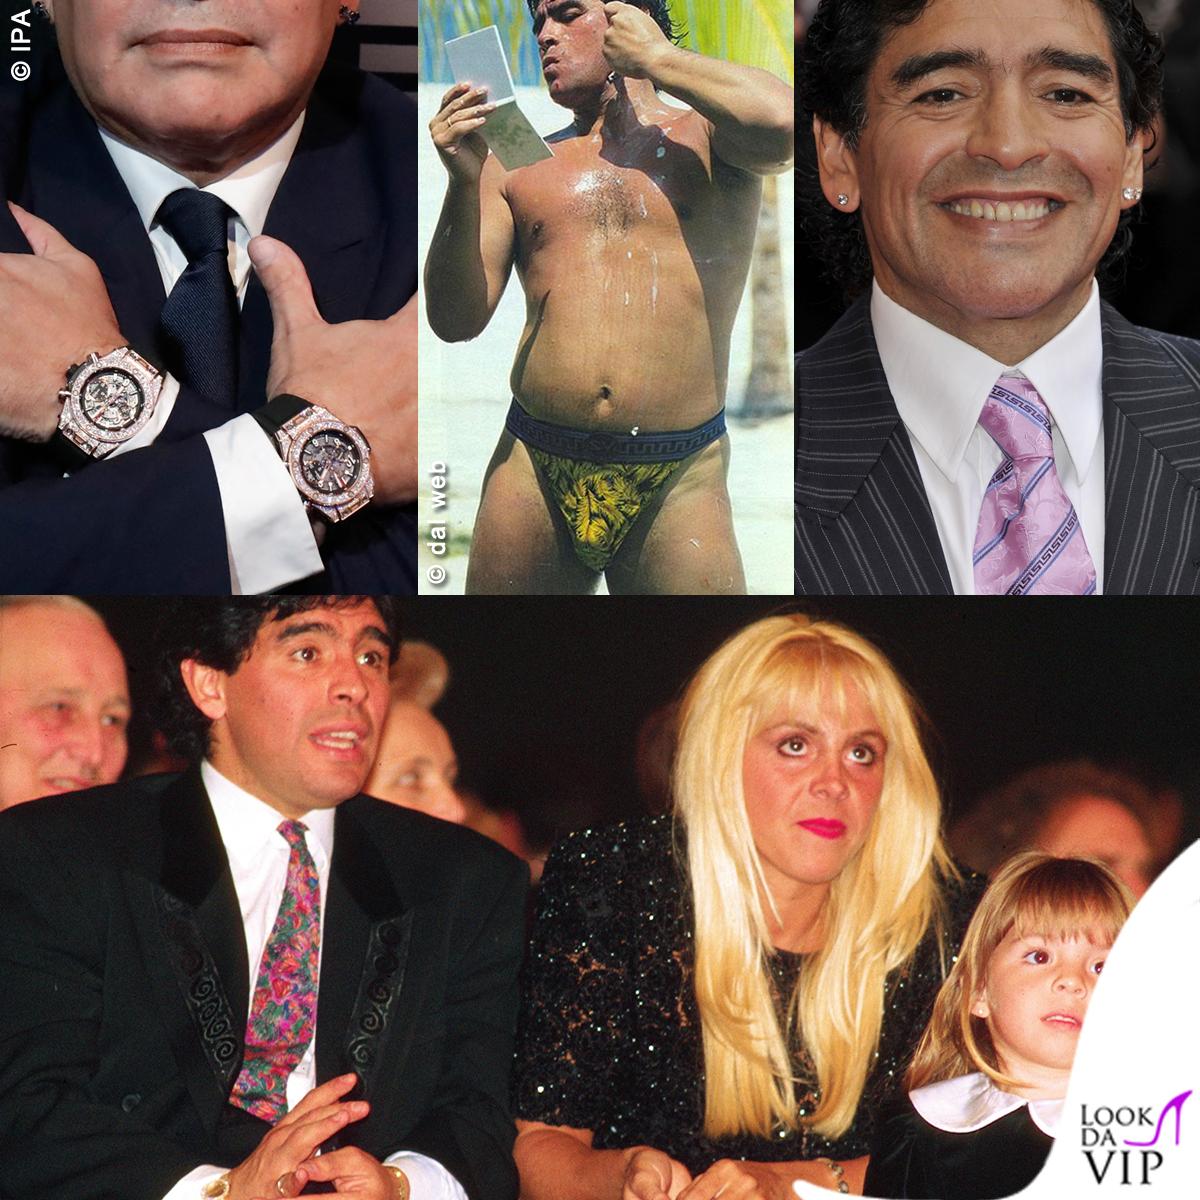 Maradona elegante ma esagerato: ecco come è diventato un mito anche per la moda